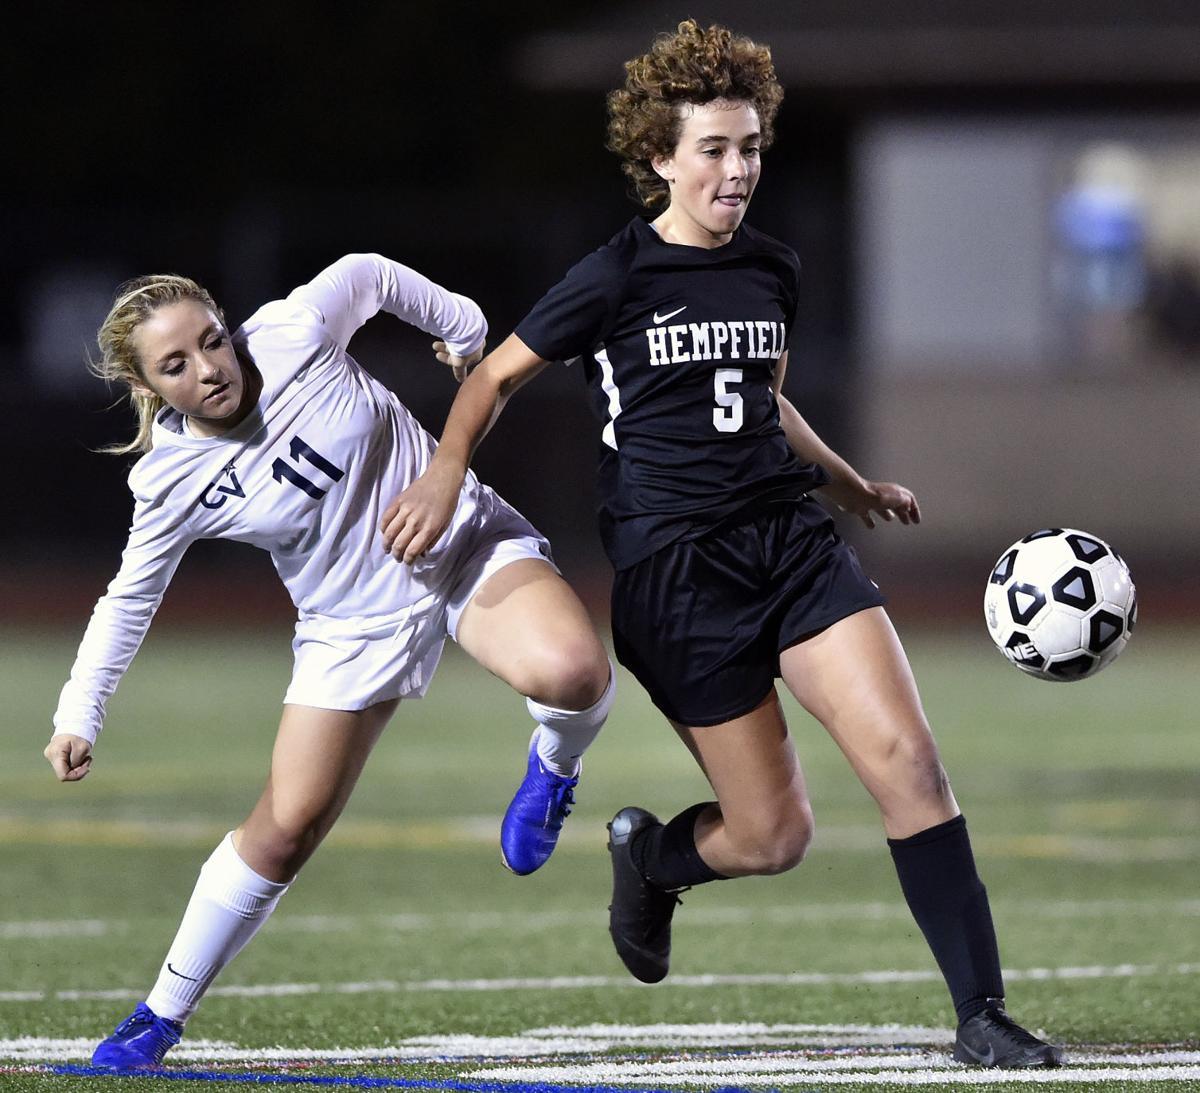 Hempfield vs Conestoga Valley-LL Girls Soccer